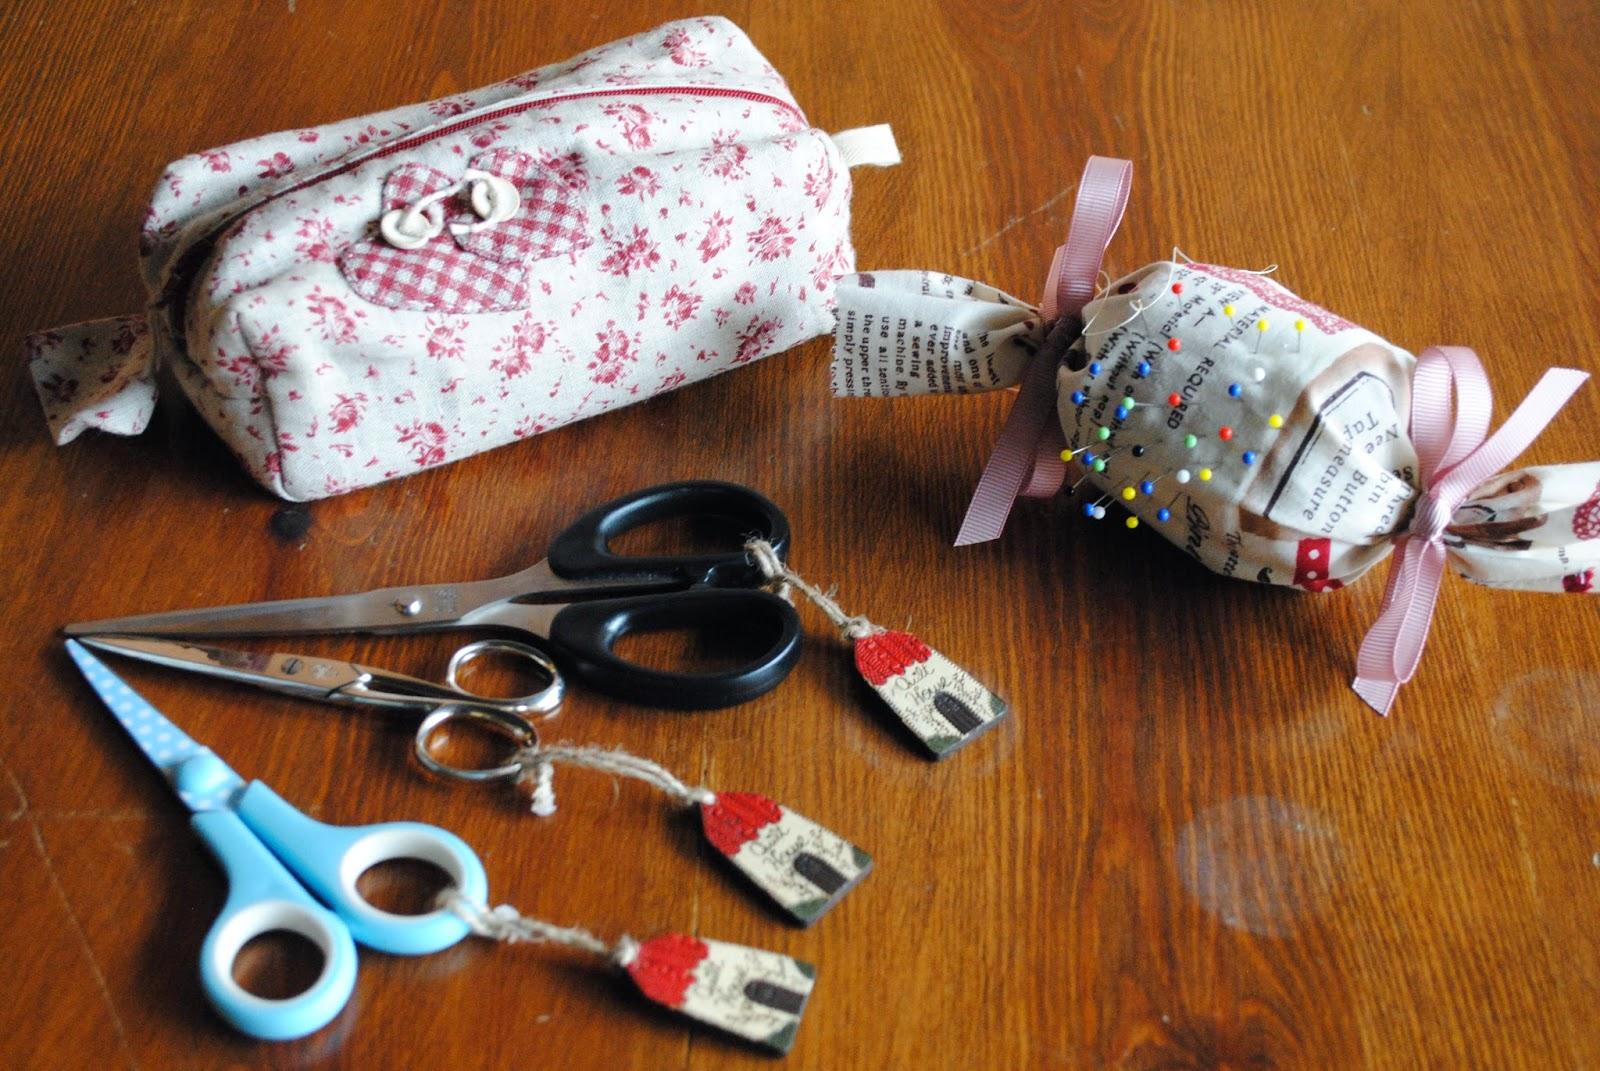 Associaci puigcerd patchwork set de costura - Set de costura ...